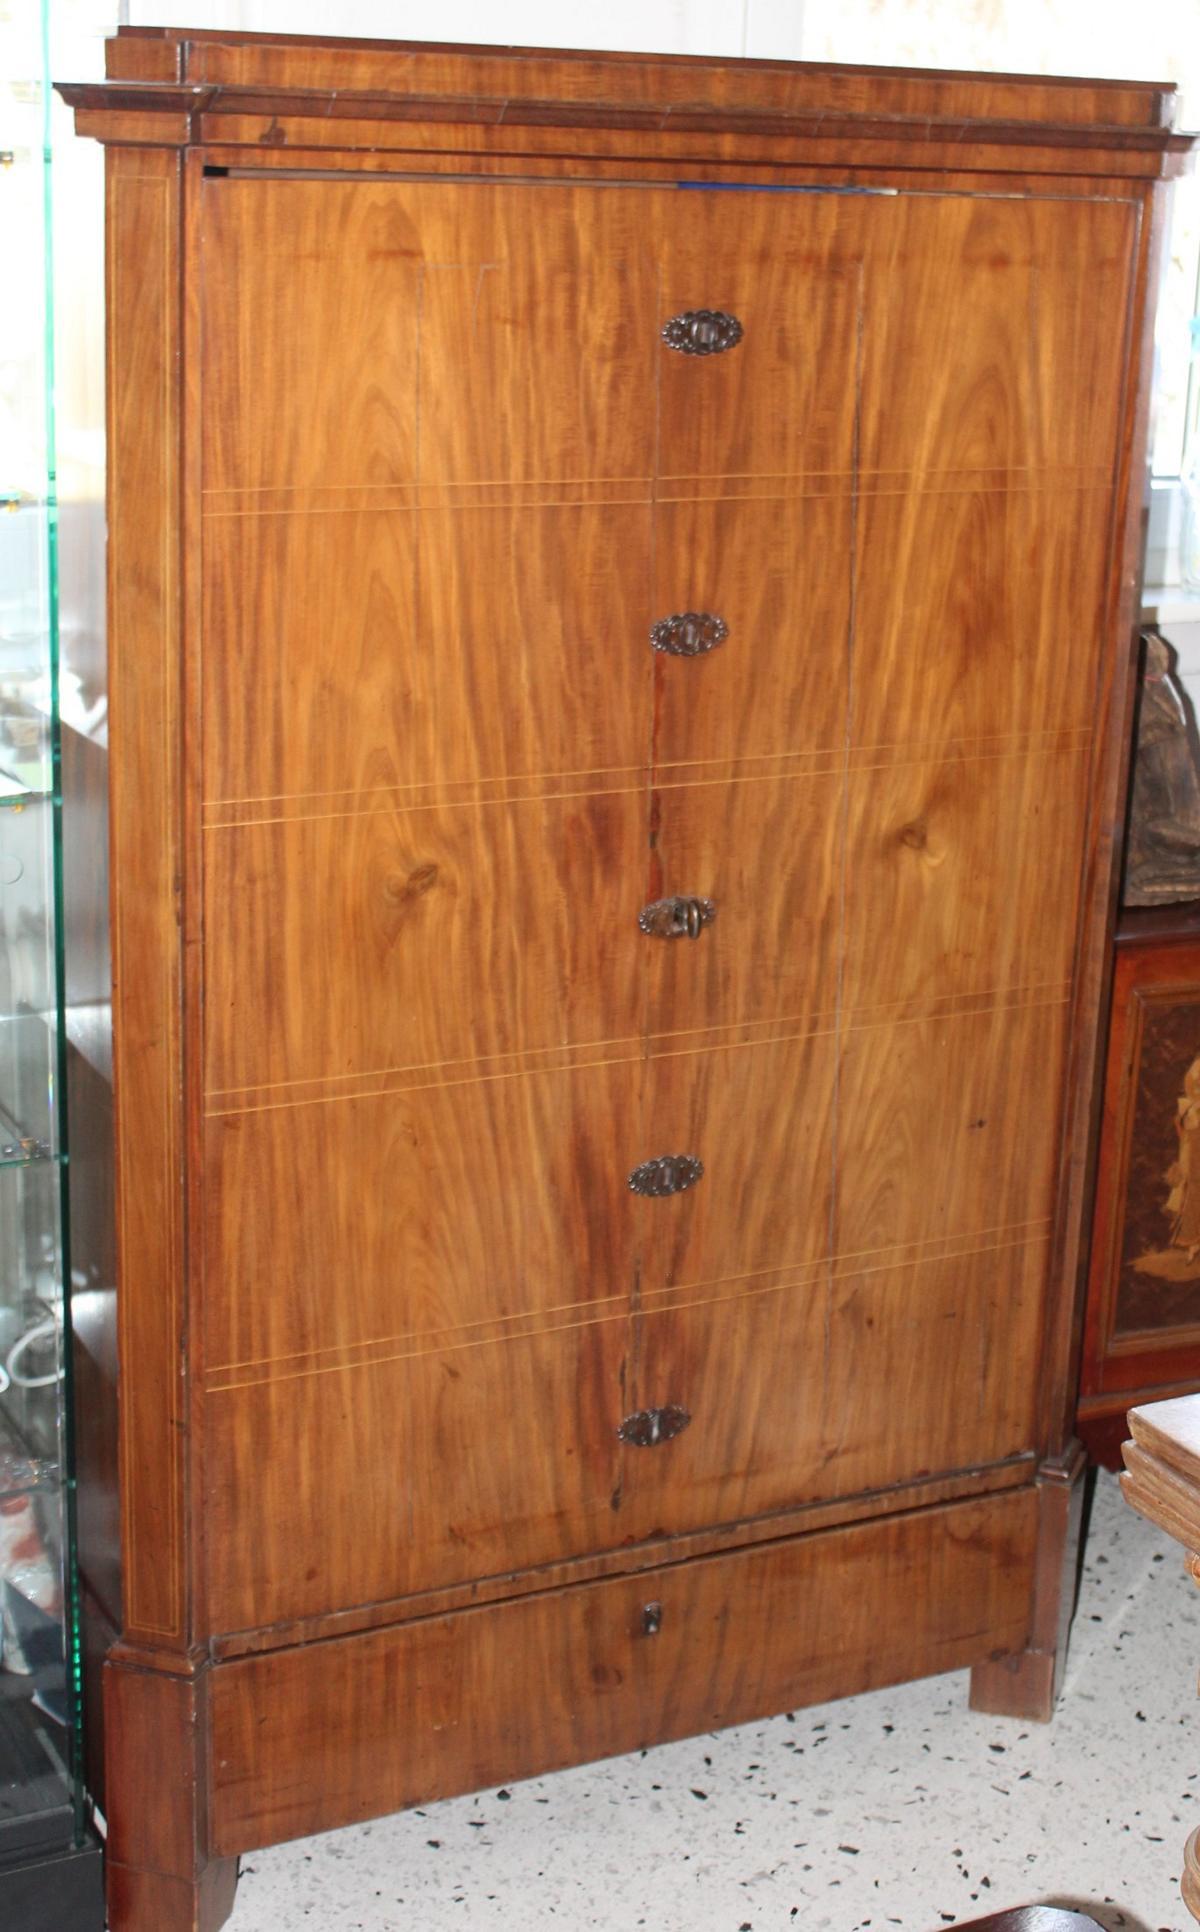 Kleiderschrank aus dem 19. Jahrhundert in Form einer Kommode